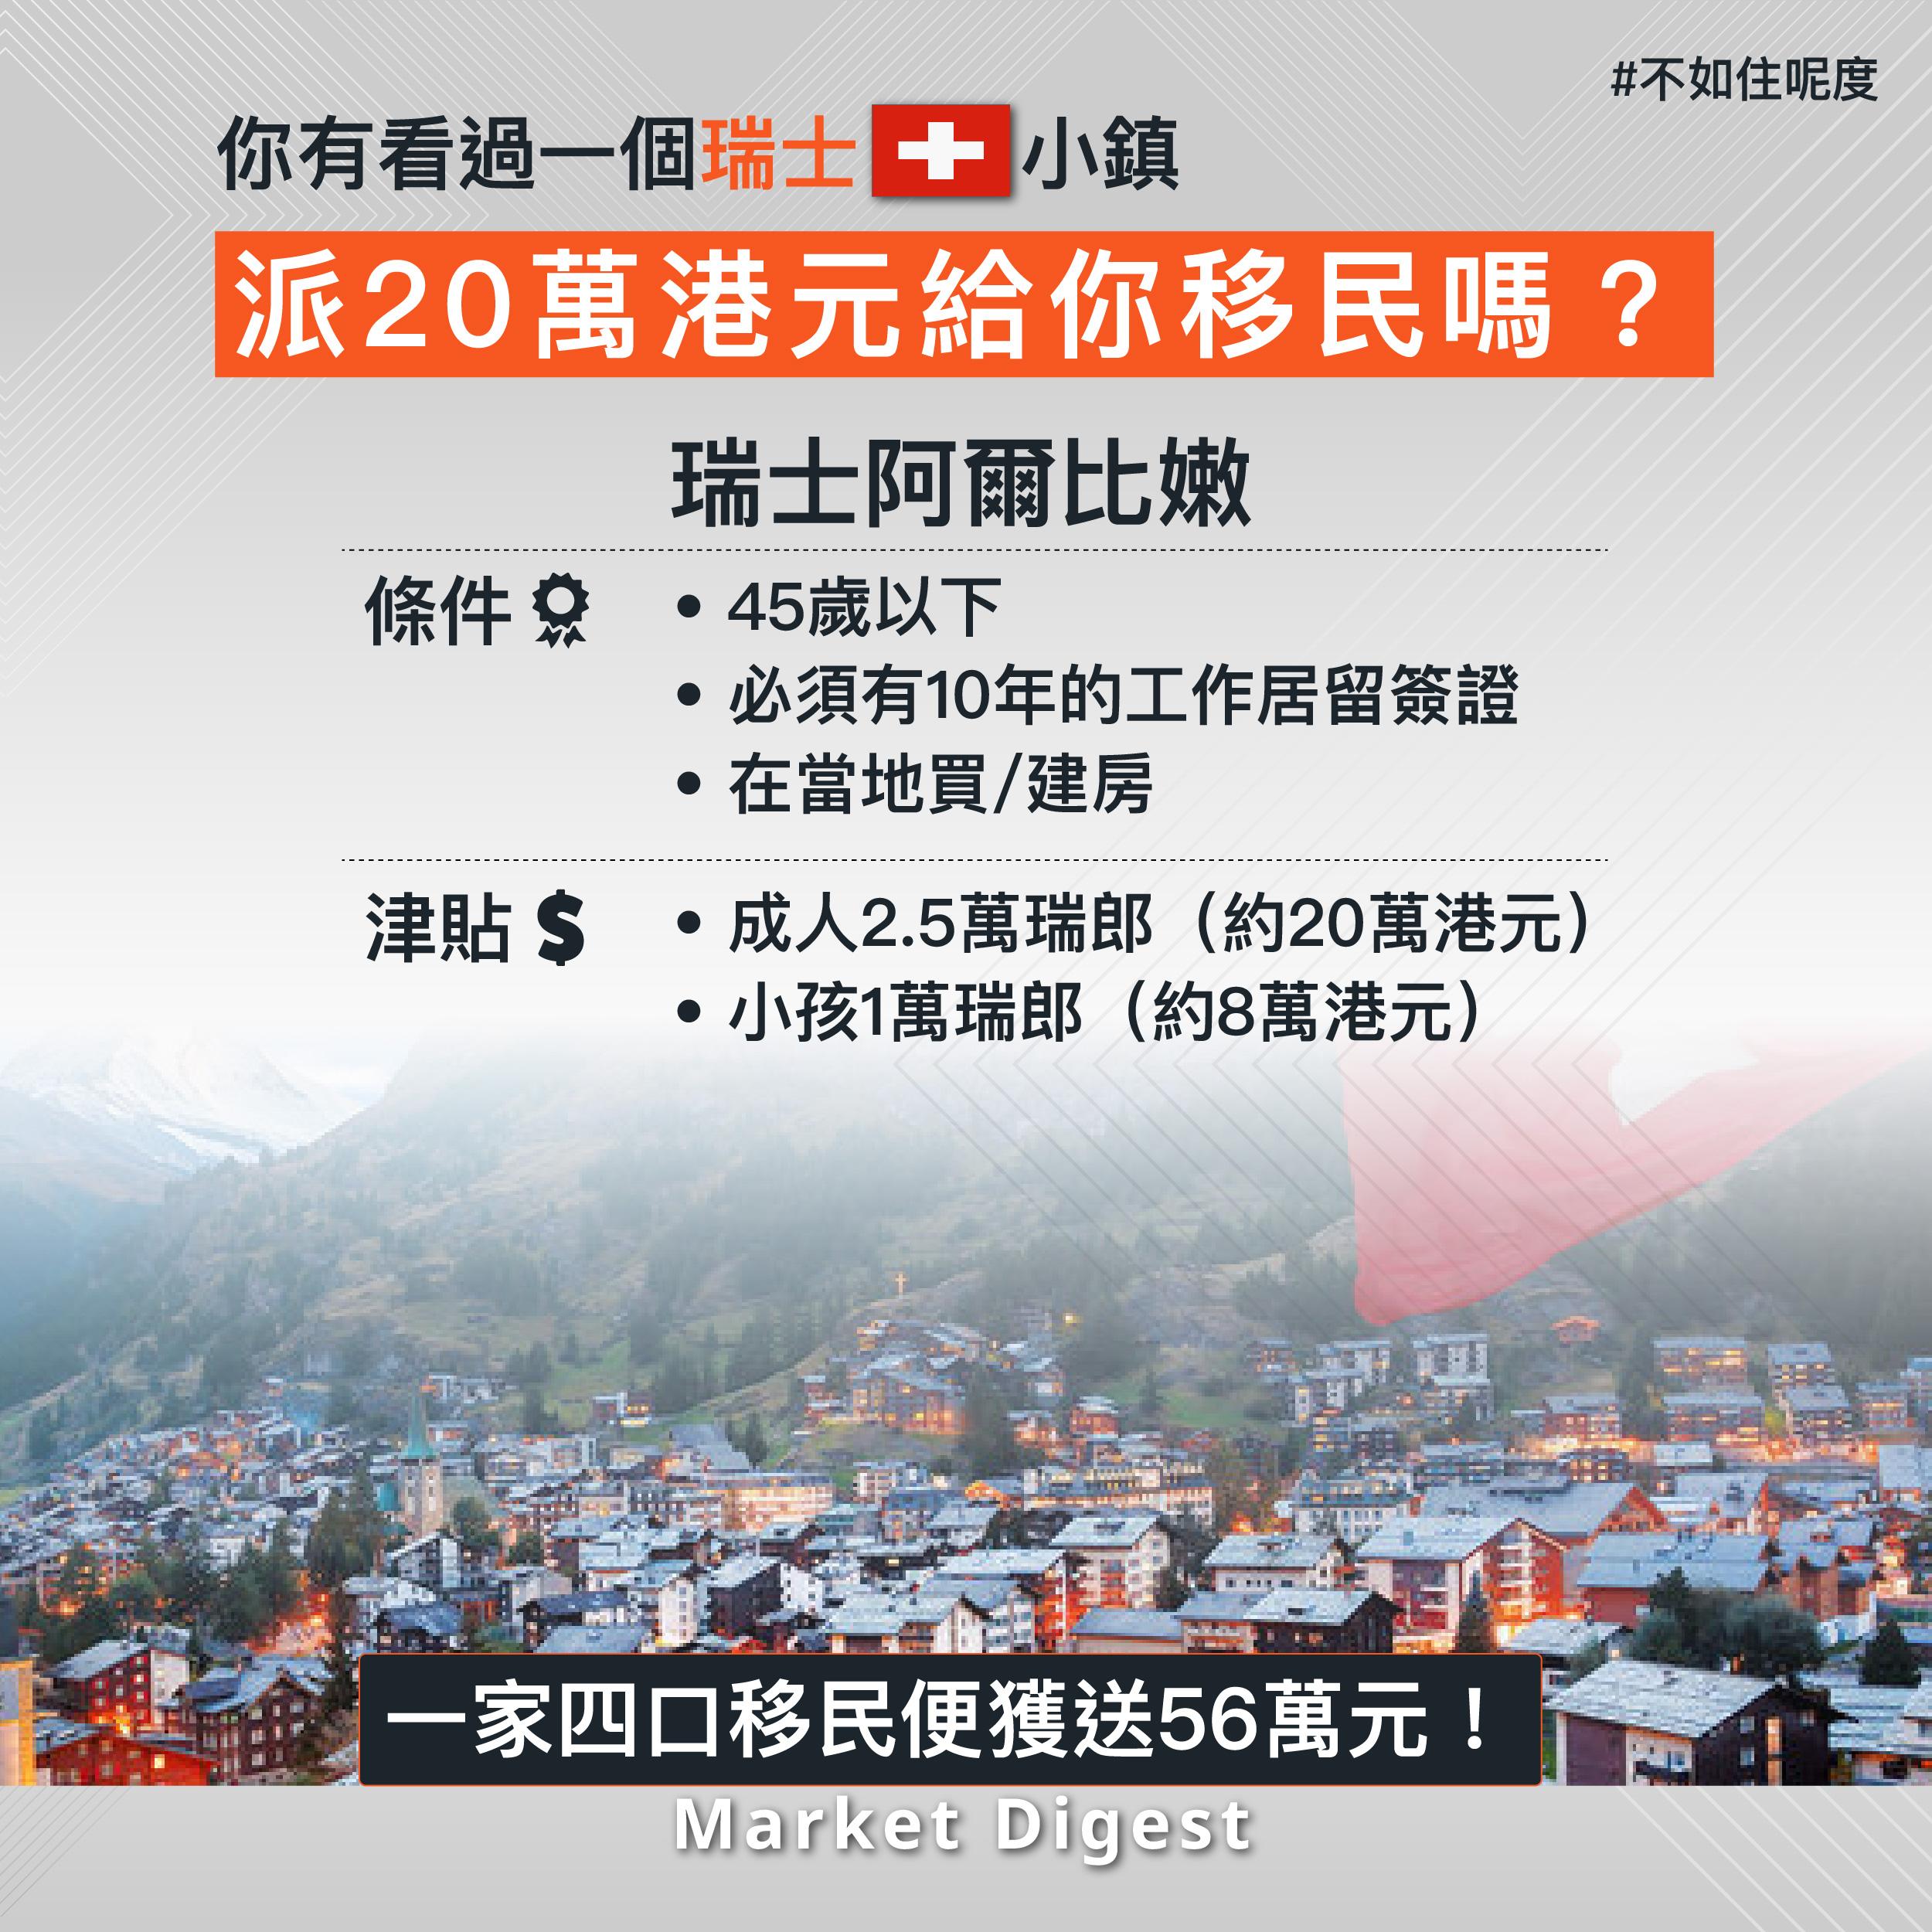 【不如住呢度】你有看過一個瑞士小鎮派20萬港元給你移民嗎?